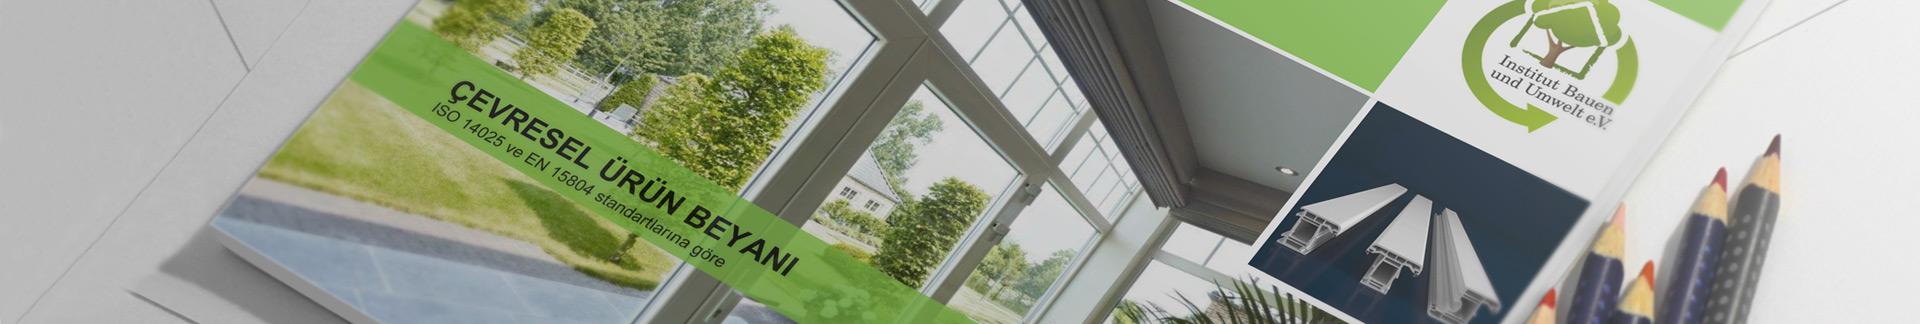 Egepen PVC Pencere ve Kapı Sistemleri | Sürdürülebilirlik